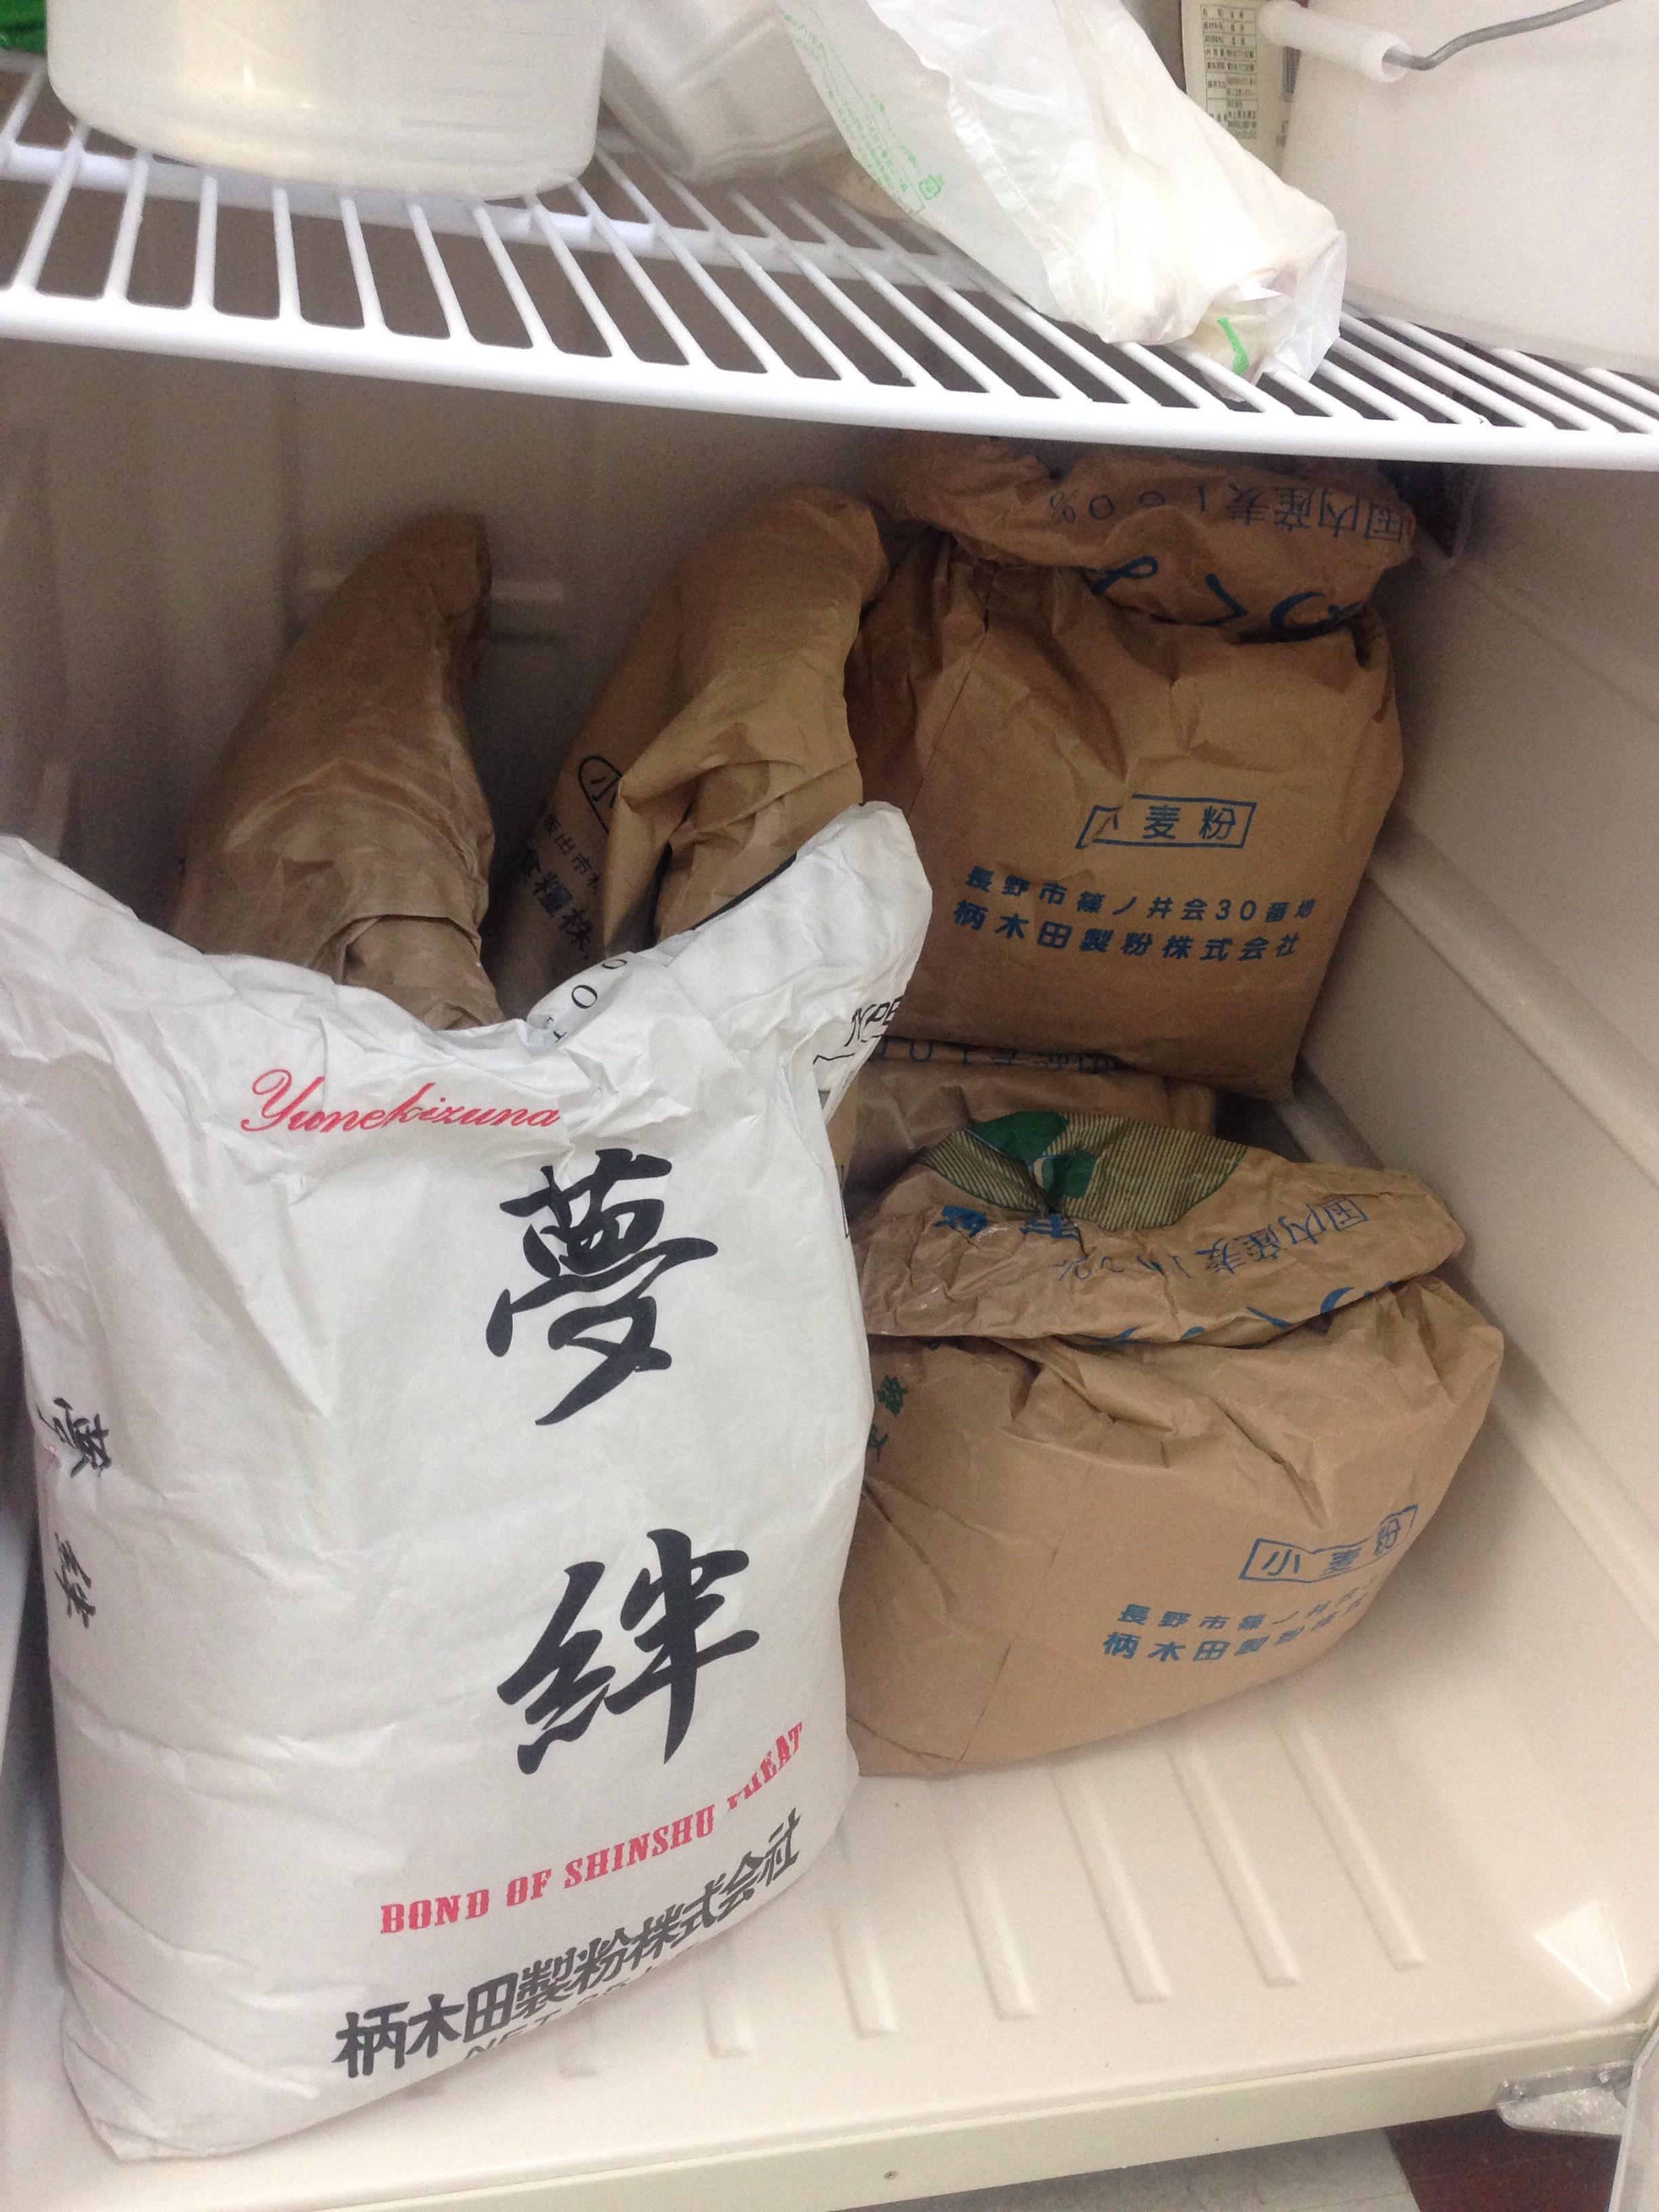 専用保冷庫で粉を保管中@東京都中野区新井3-6-7 麺の停車場楽麦舎